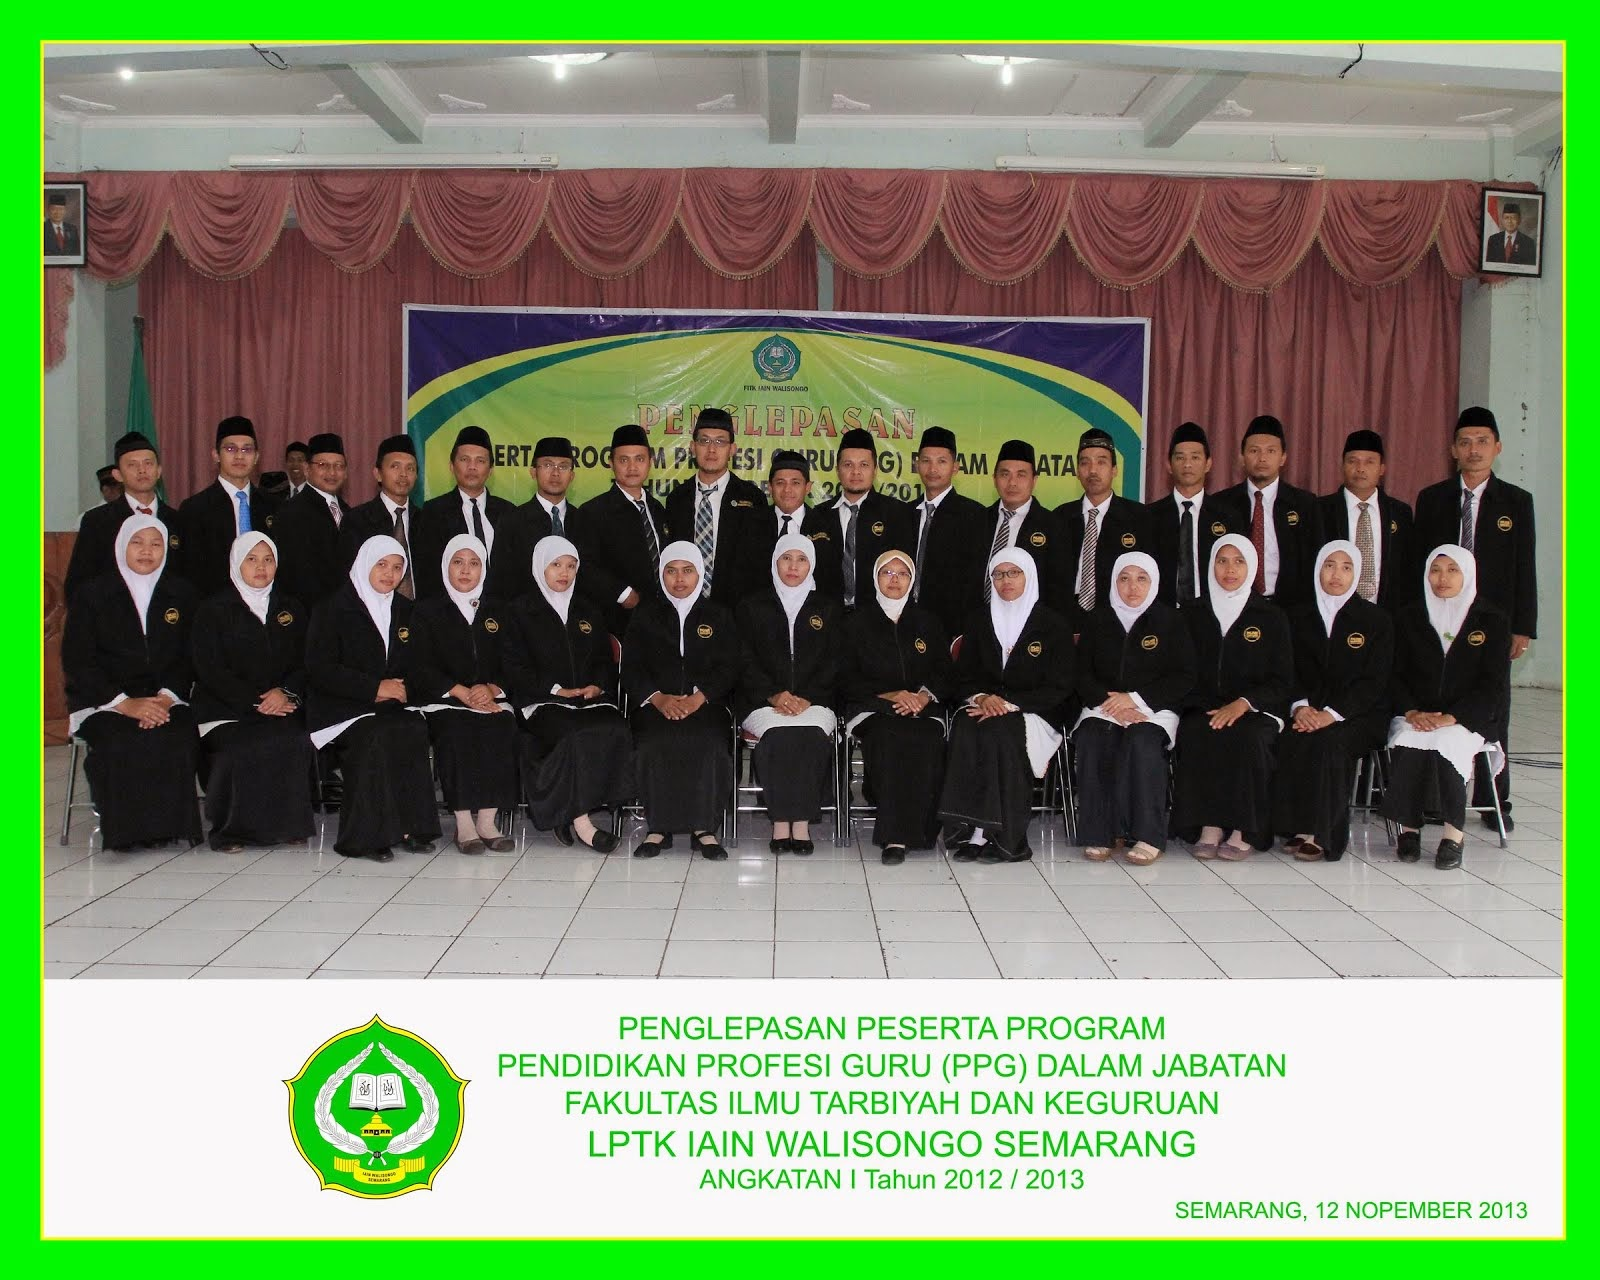 Pendidikan Profesi Guru (PPG) Dalam Jabatan Mapel Fiqih IAIN Walisongo Semarang Angk I Th.2012/2013